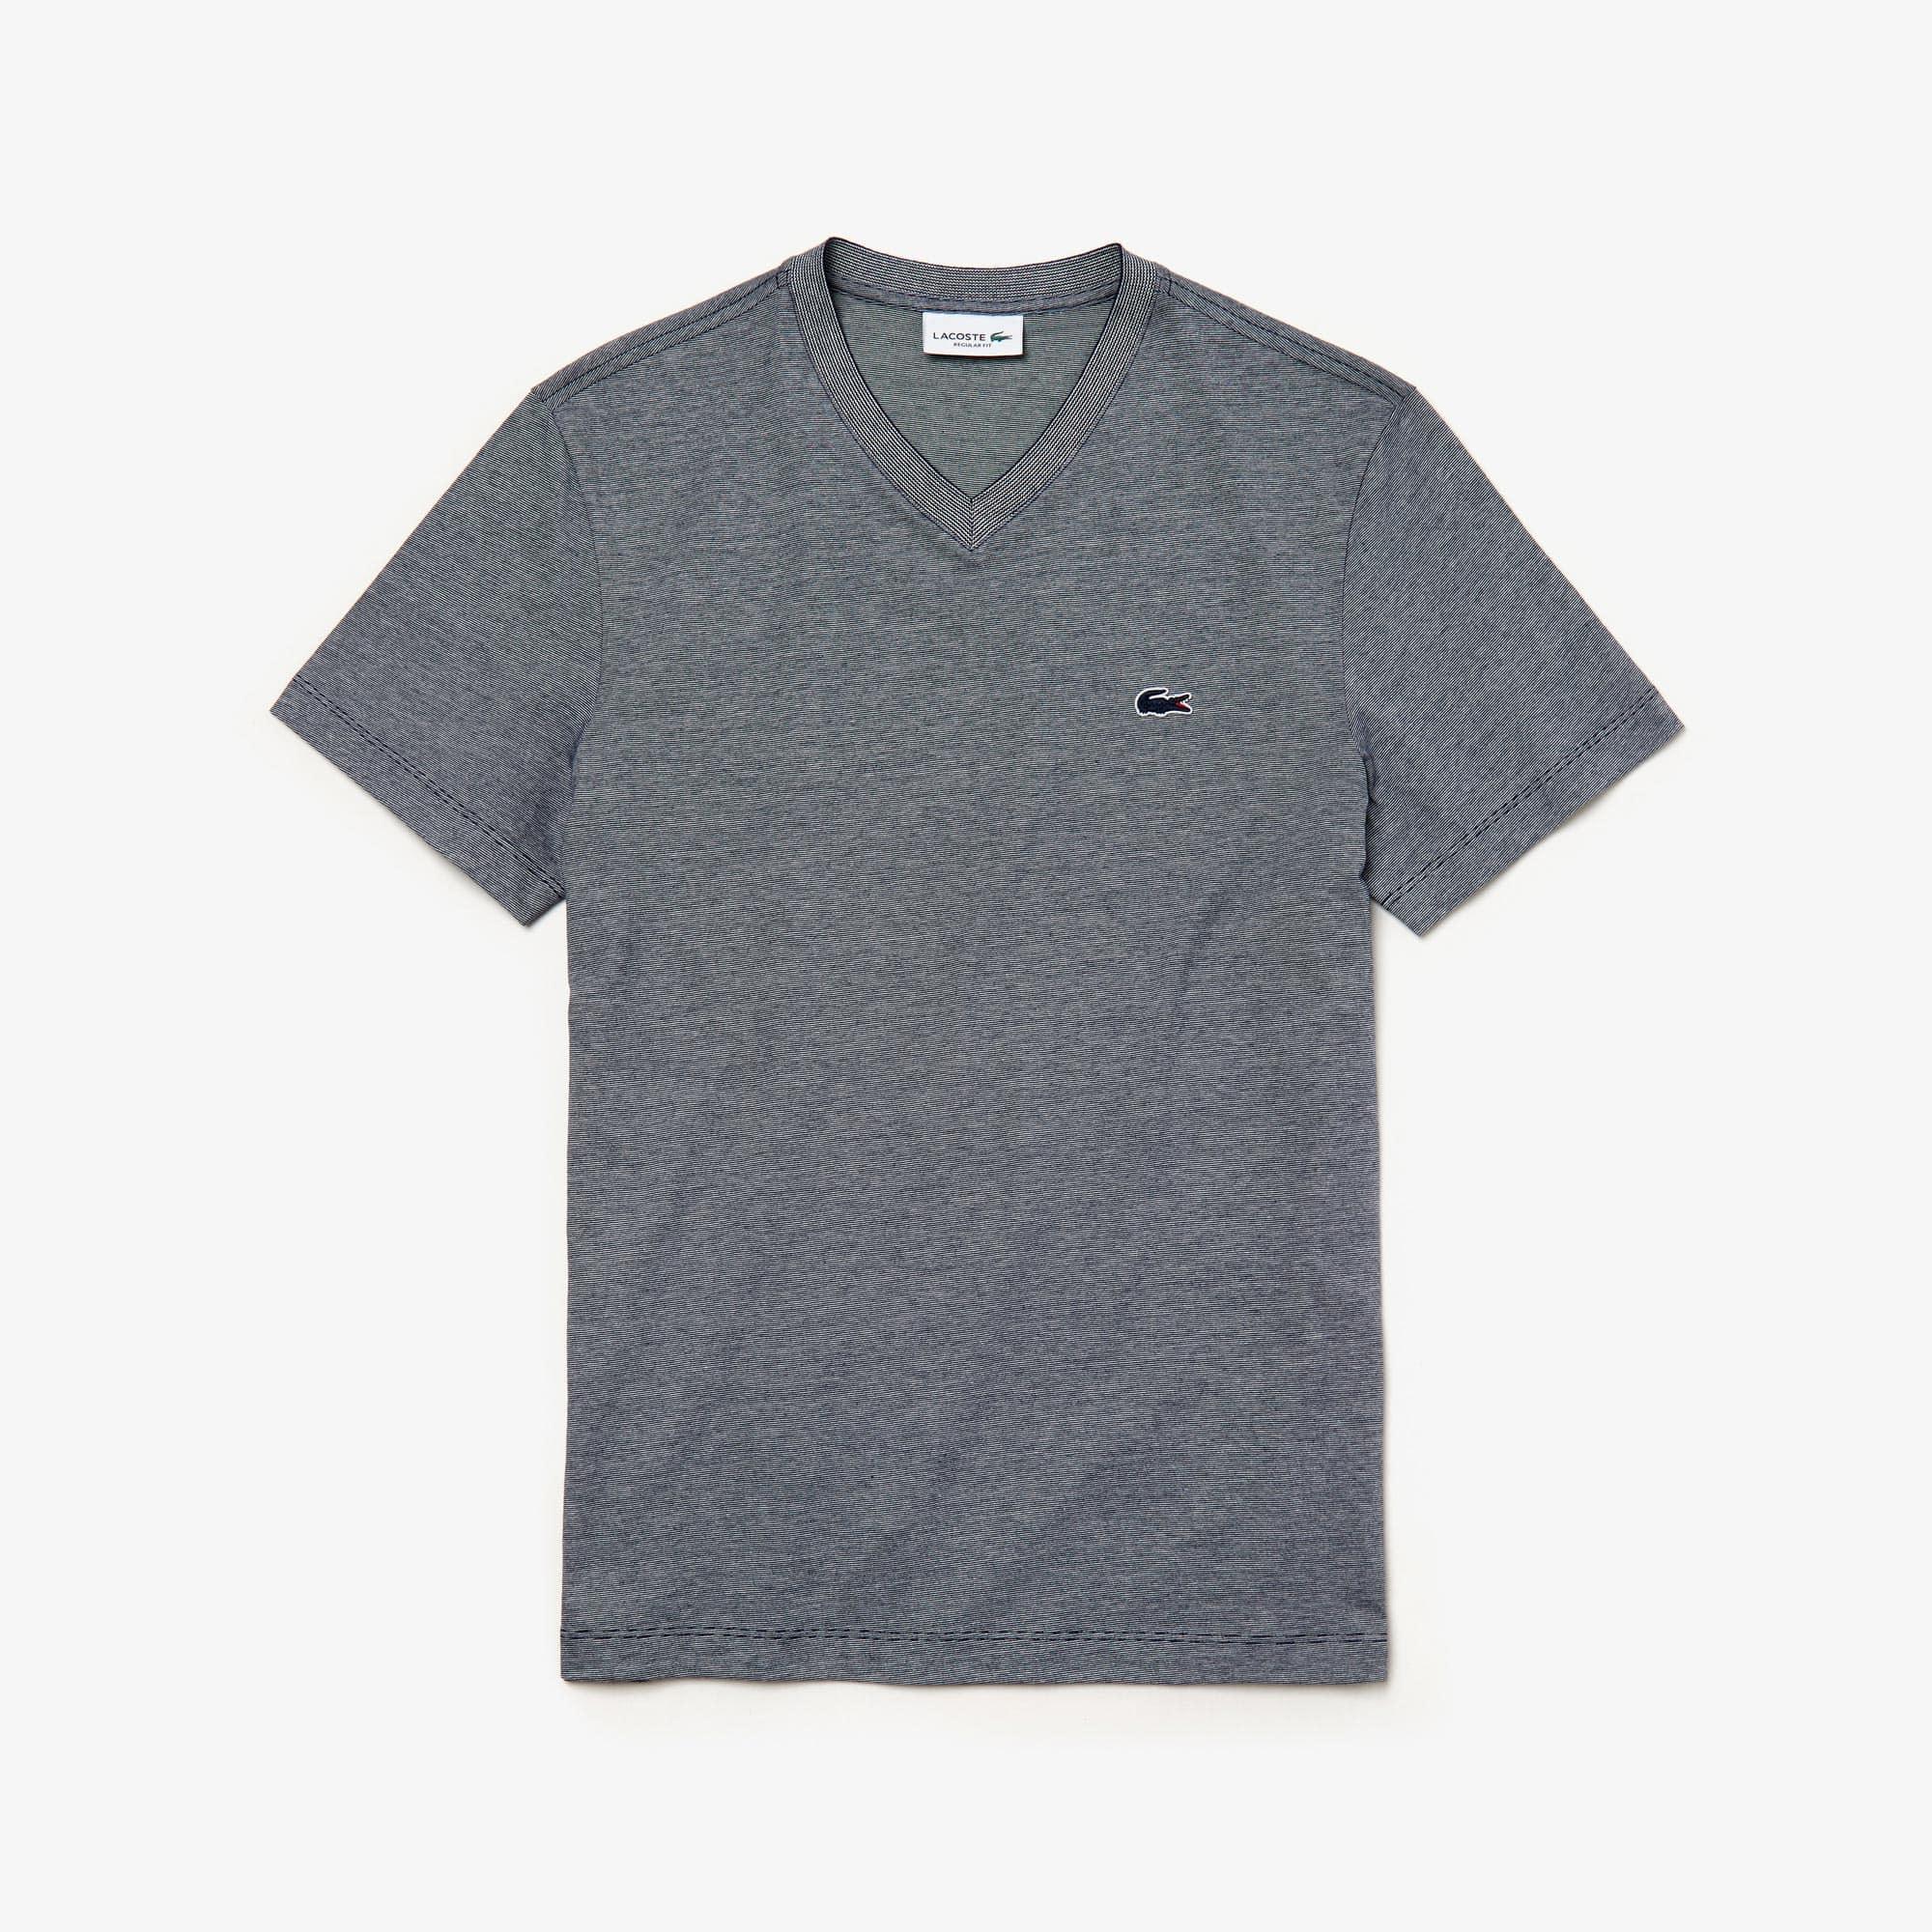 라코스테 반팔티 브이넥 반팔 티셔츠 Lacoste Mens V-Neck Cotton T-shirt,Navy Blue / White - HHW